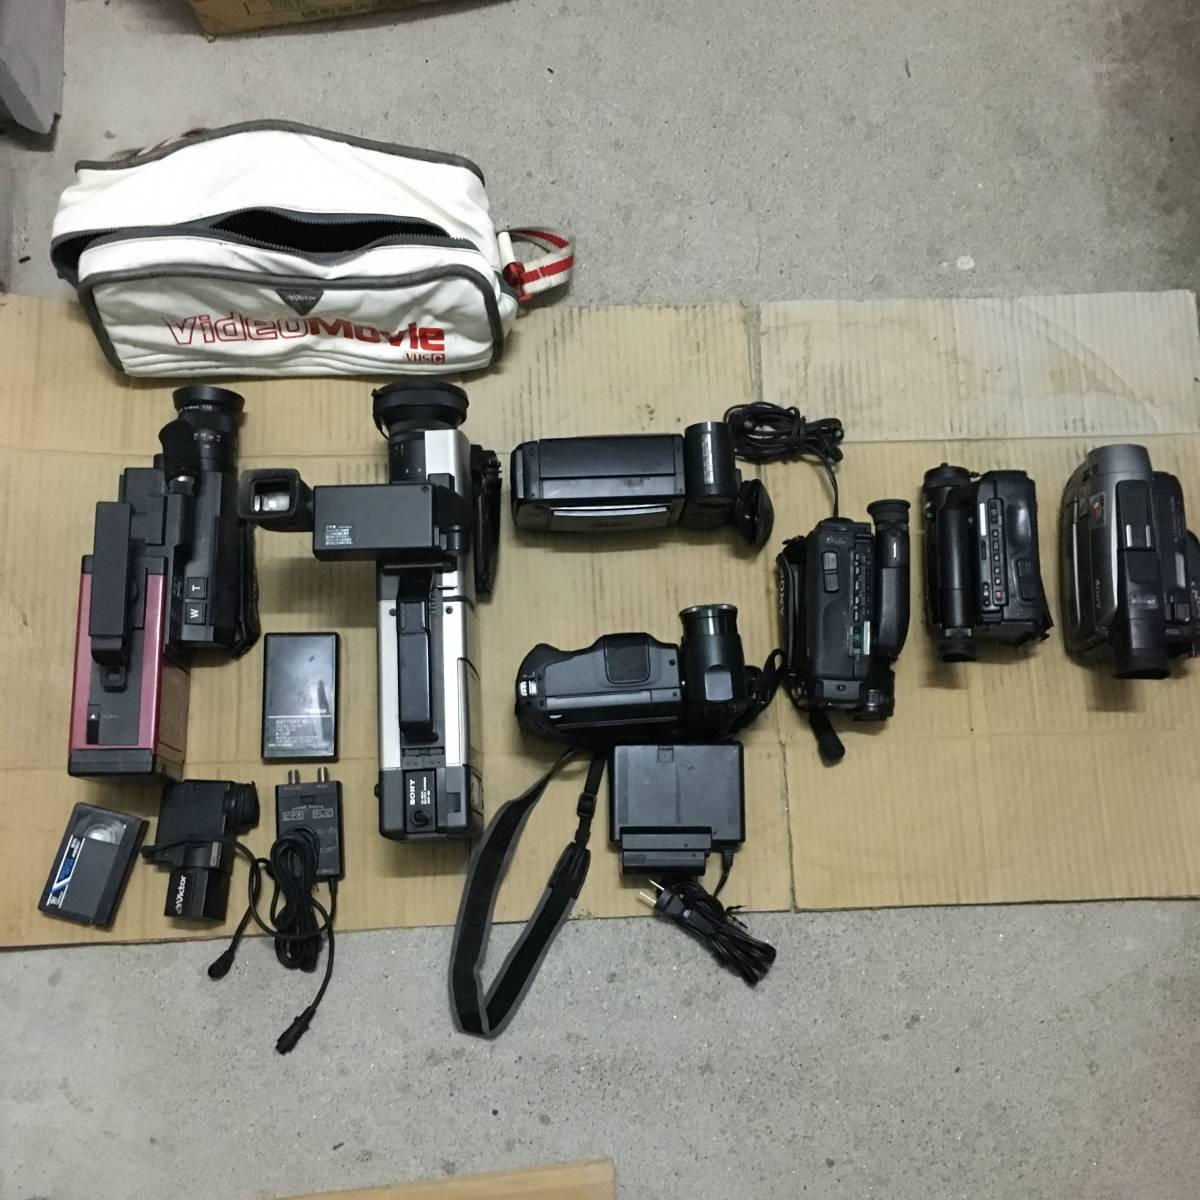 ビデオカメラ(41) 機種色々 Victor(VideoMovie) SONY(Video8,Handycam 3台) SHARP(Viewcam 2台)など まとめて 7台 部品取り ジャンク品_画像1